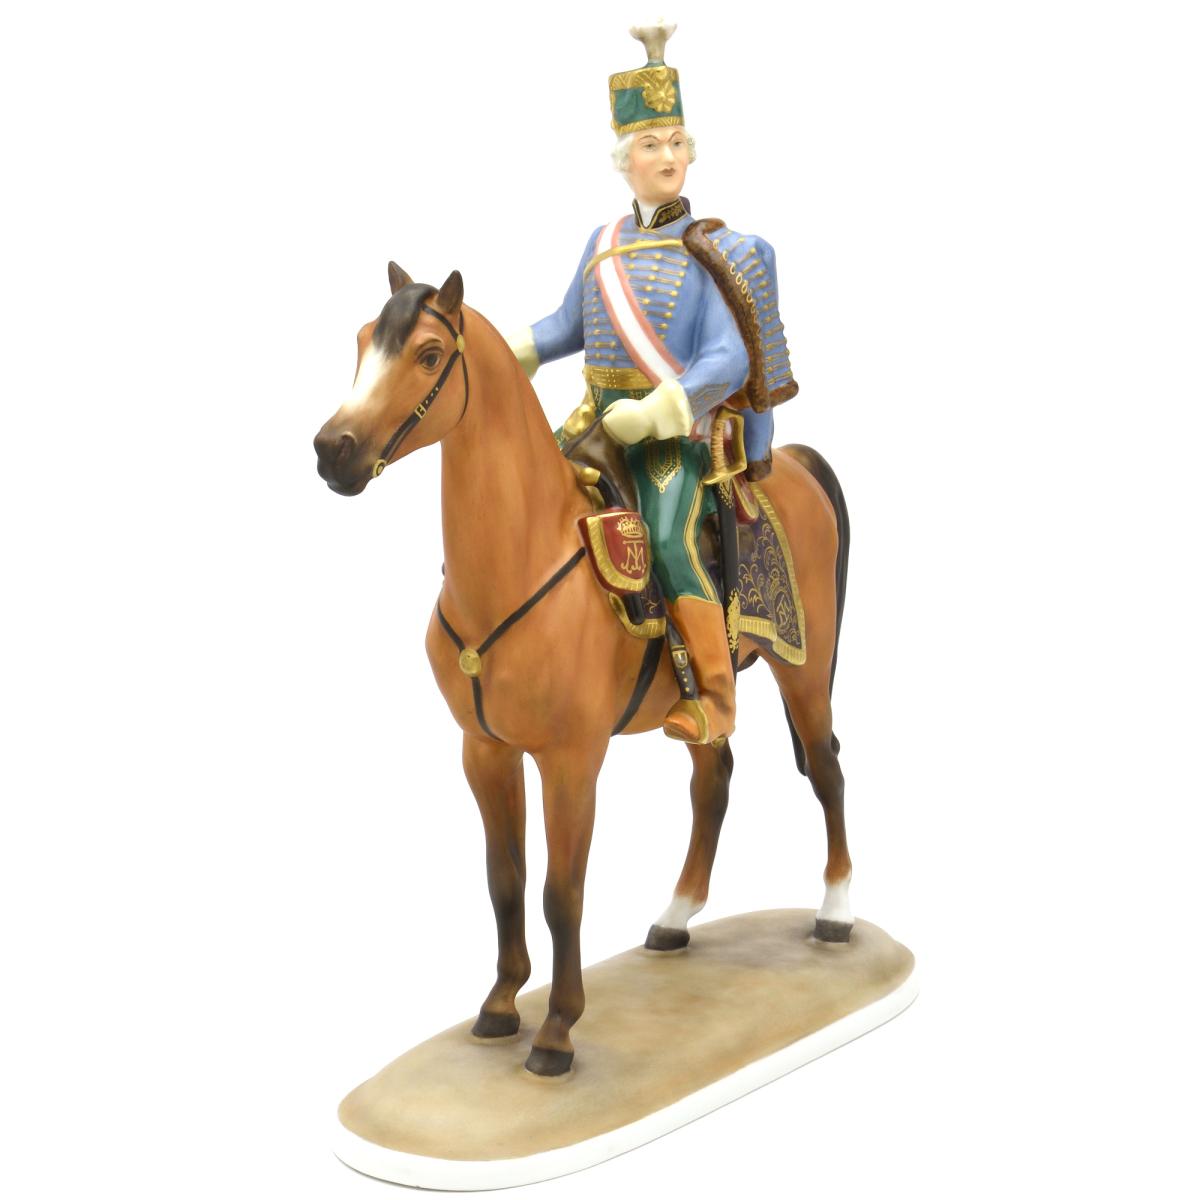 ヘレンドMCD(ヘレンド フィギュリン) (05475)アンドレ・ハディク中将人形・置物・飾り物ブランド陶磁器HEREND ハンガリー